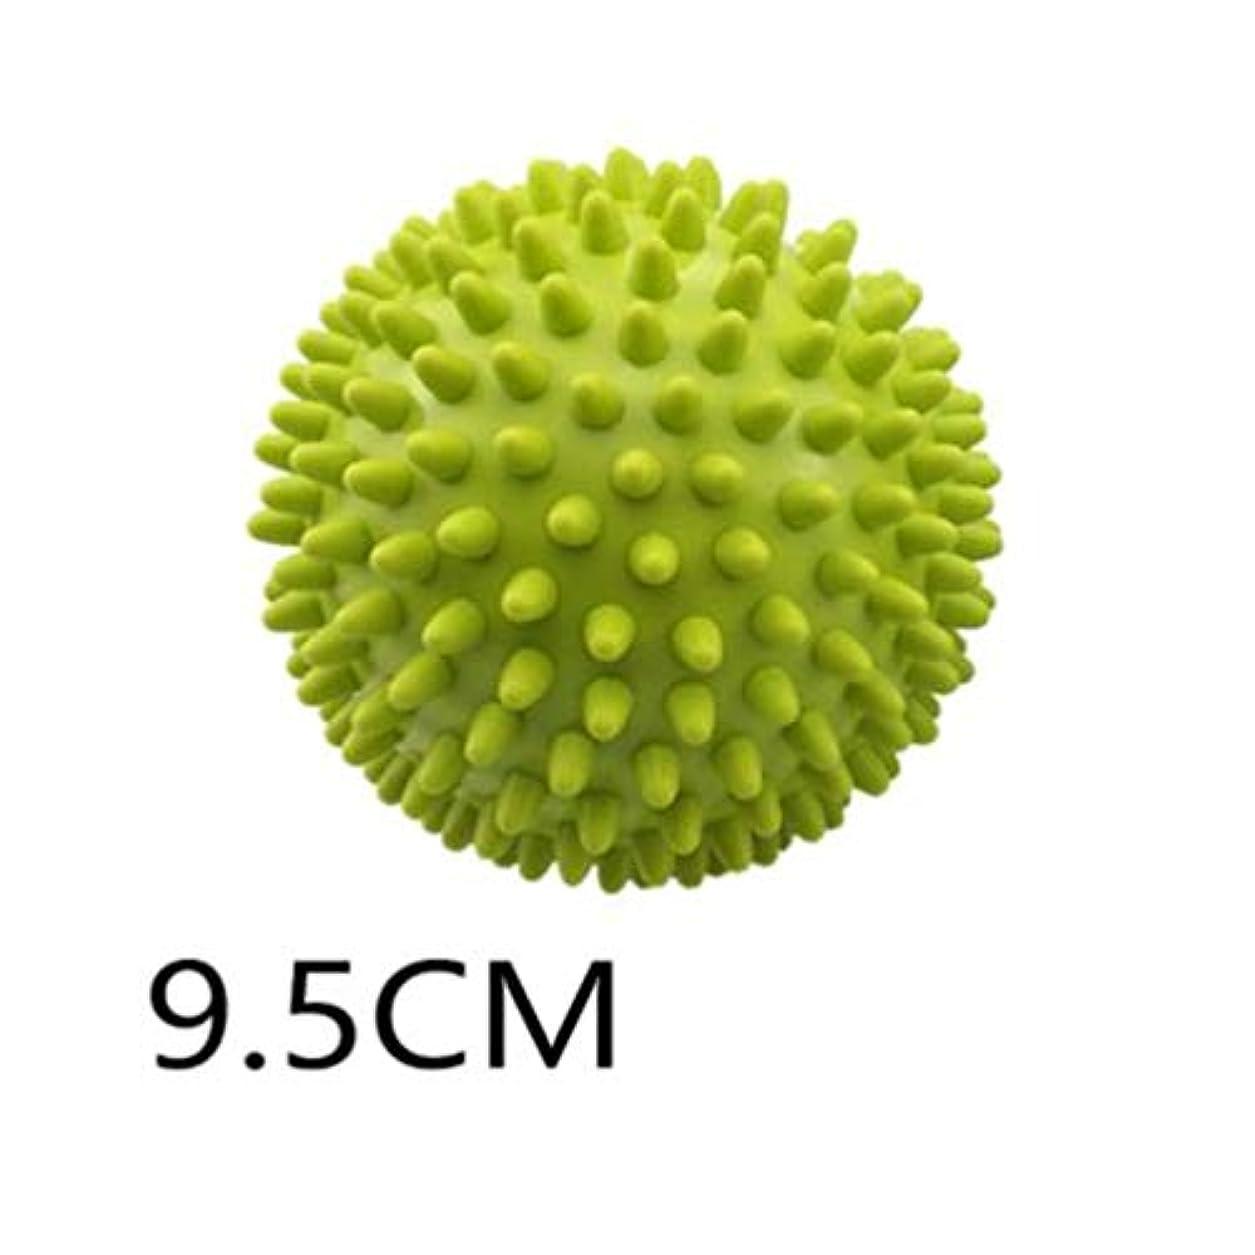 怒りスクランブル品とげのボール - グリーン